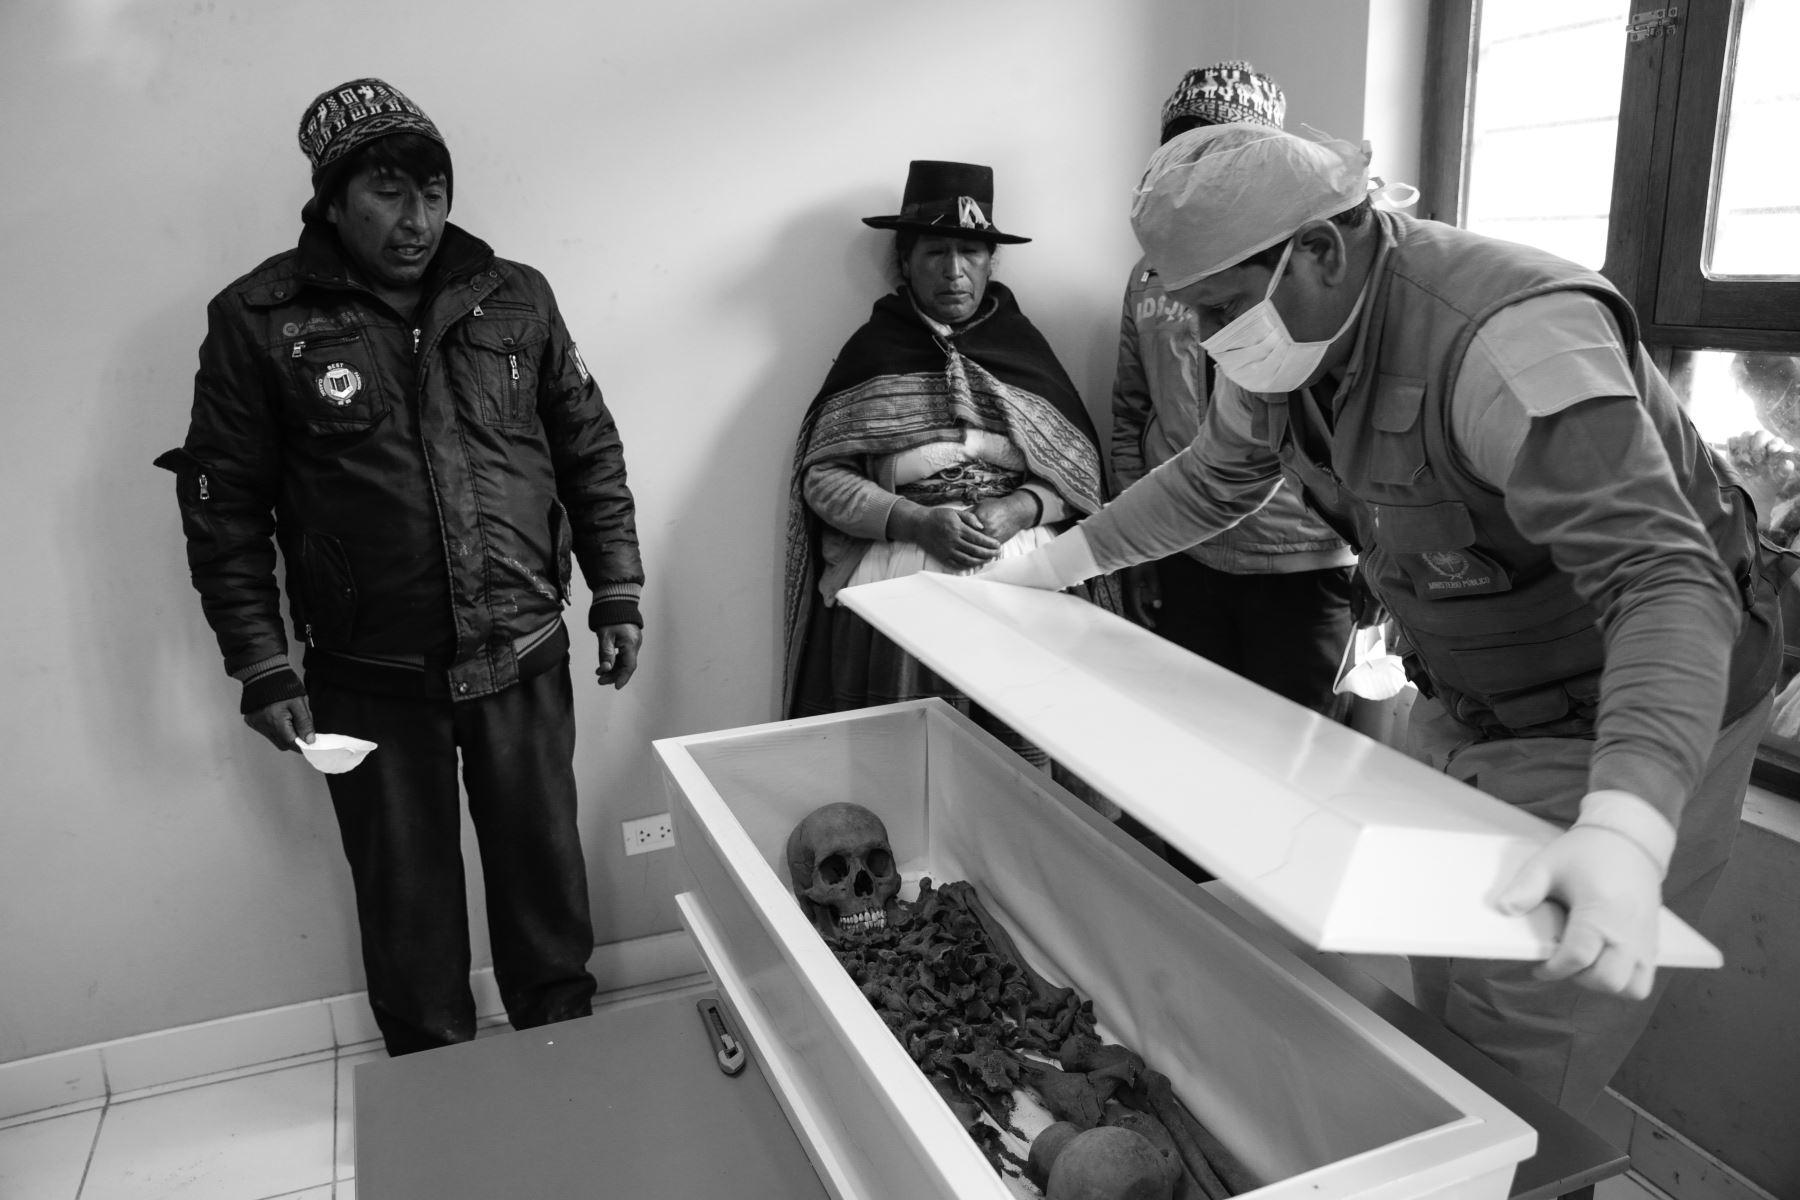 En la restitución de los cuerpos, el forense llama a los familiares y delante de ellos deposita los restos en un pequeño ataúd, para luego sellarlos. Foto: ANDINA/Jack Ramón